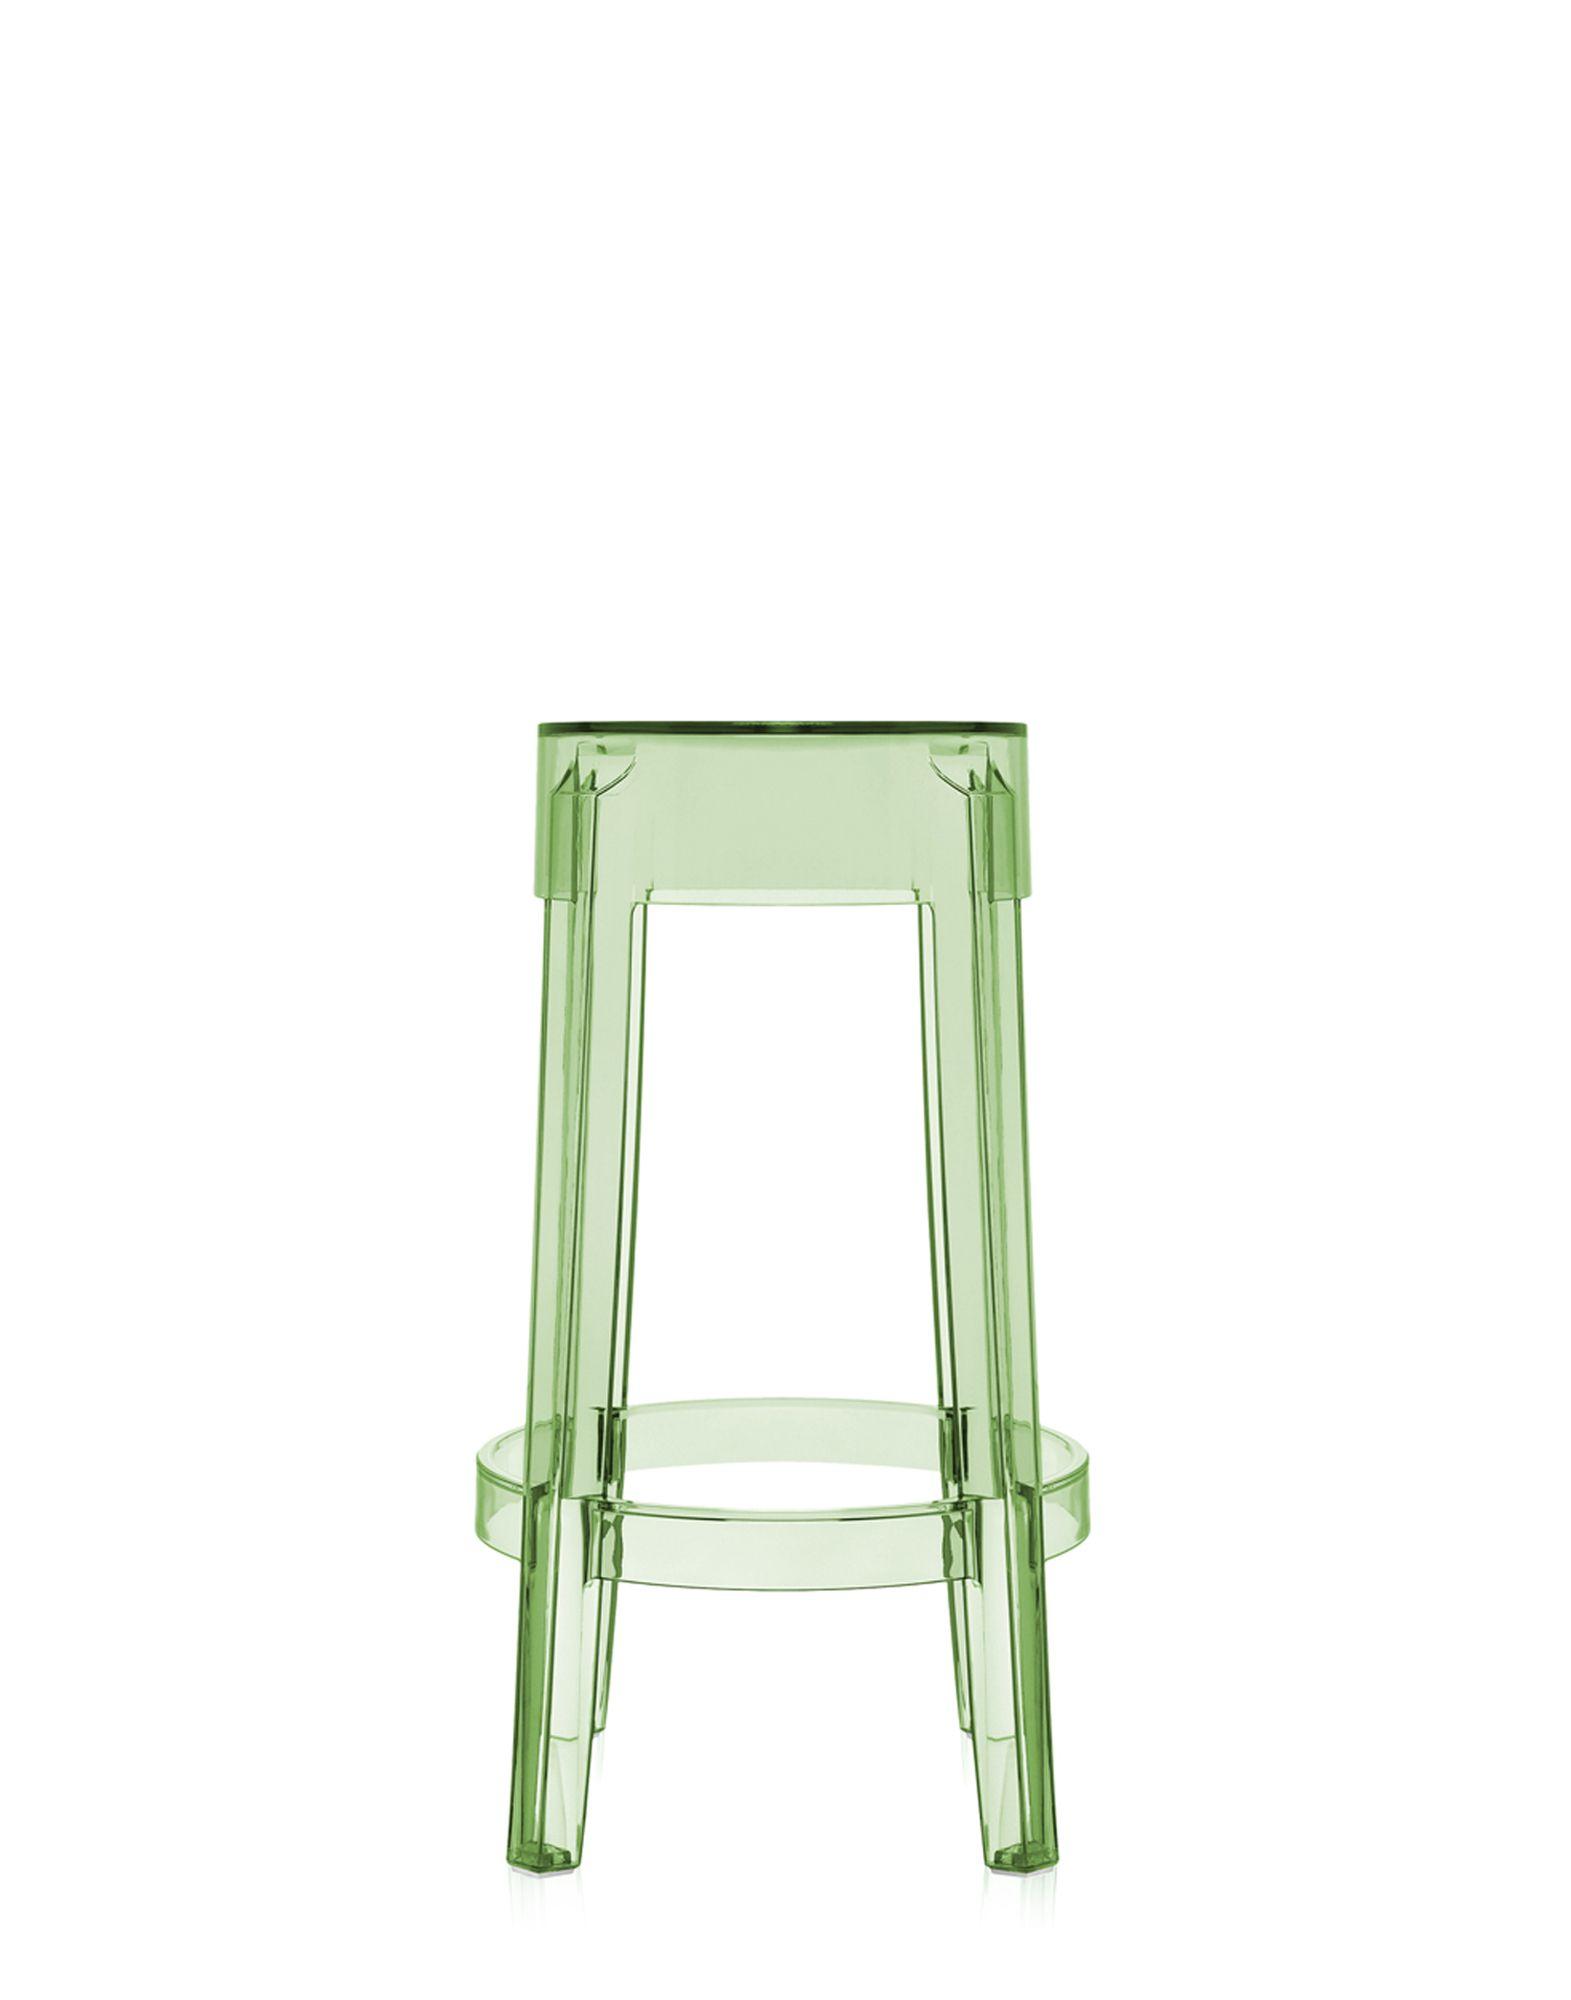 Sgabello kartell charles ghost verde trasparente h 65 cm for Sgabello verde